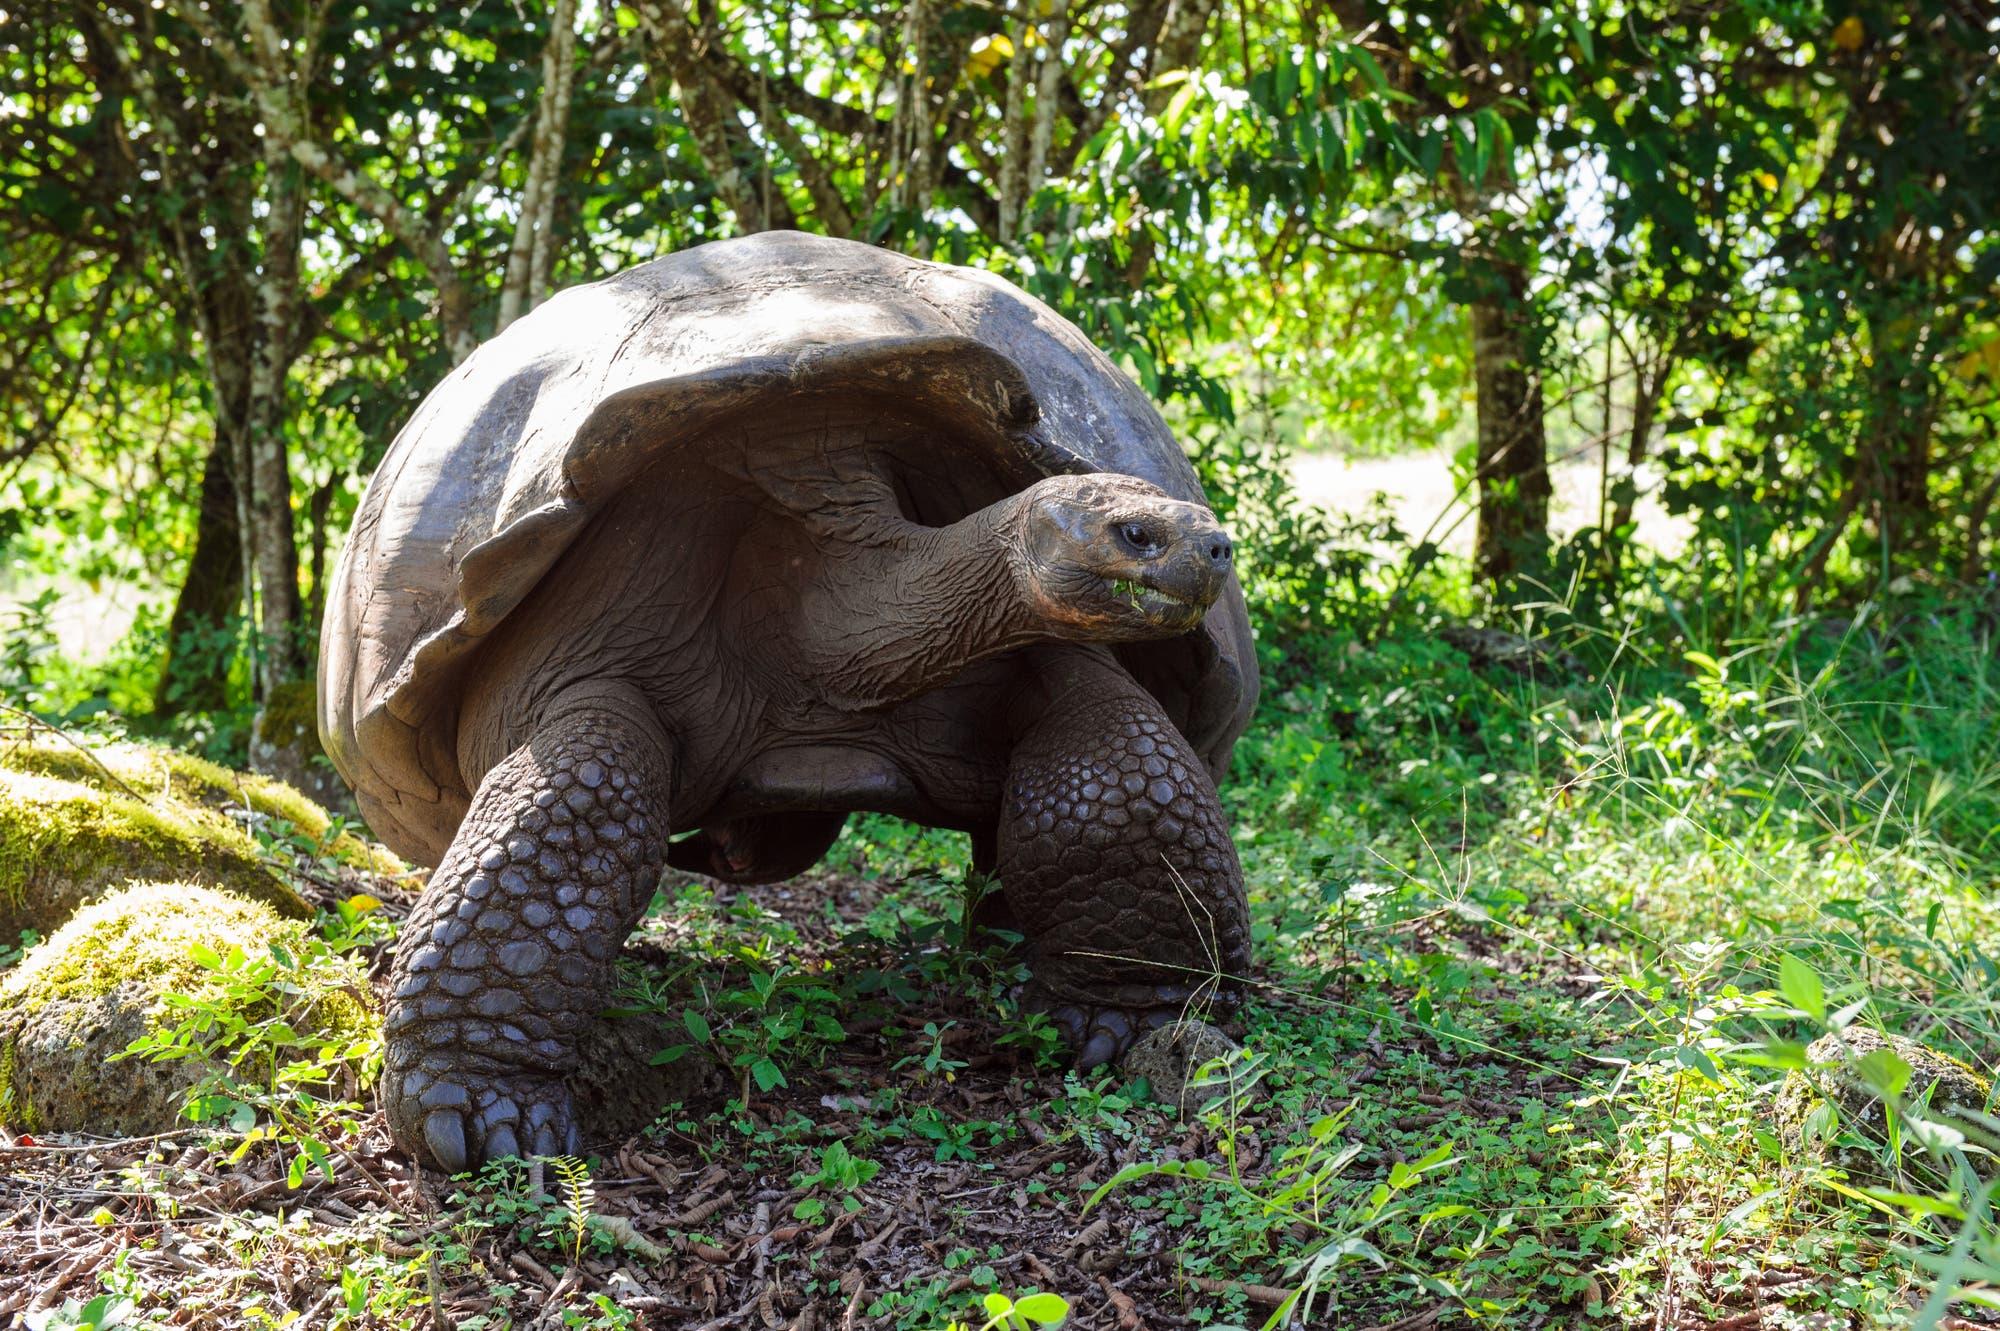 Schildkröten könnten das sechste Massenaussterben überleben.